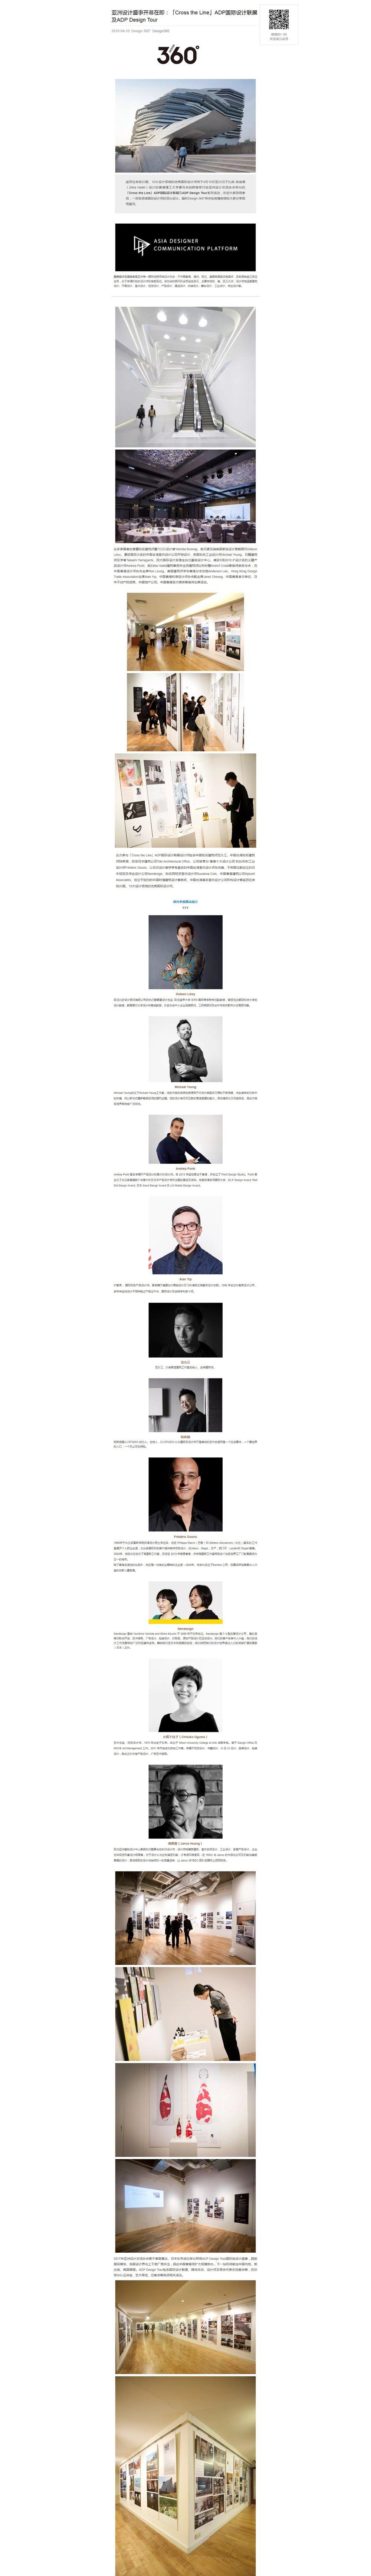 12.  Design 360°.jpg